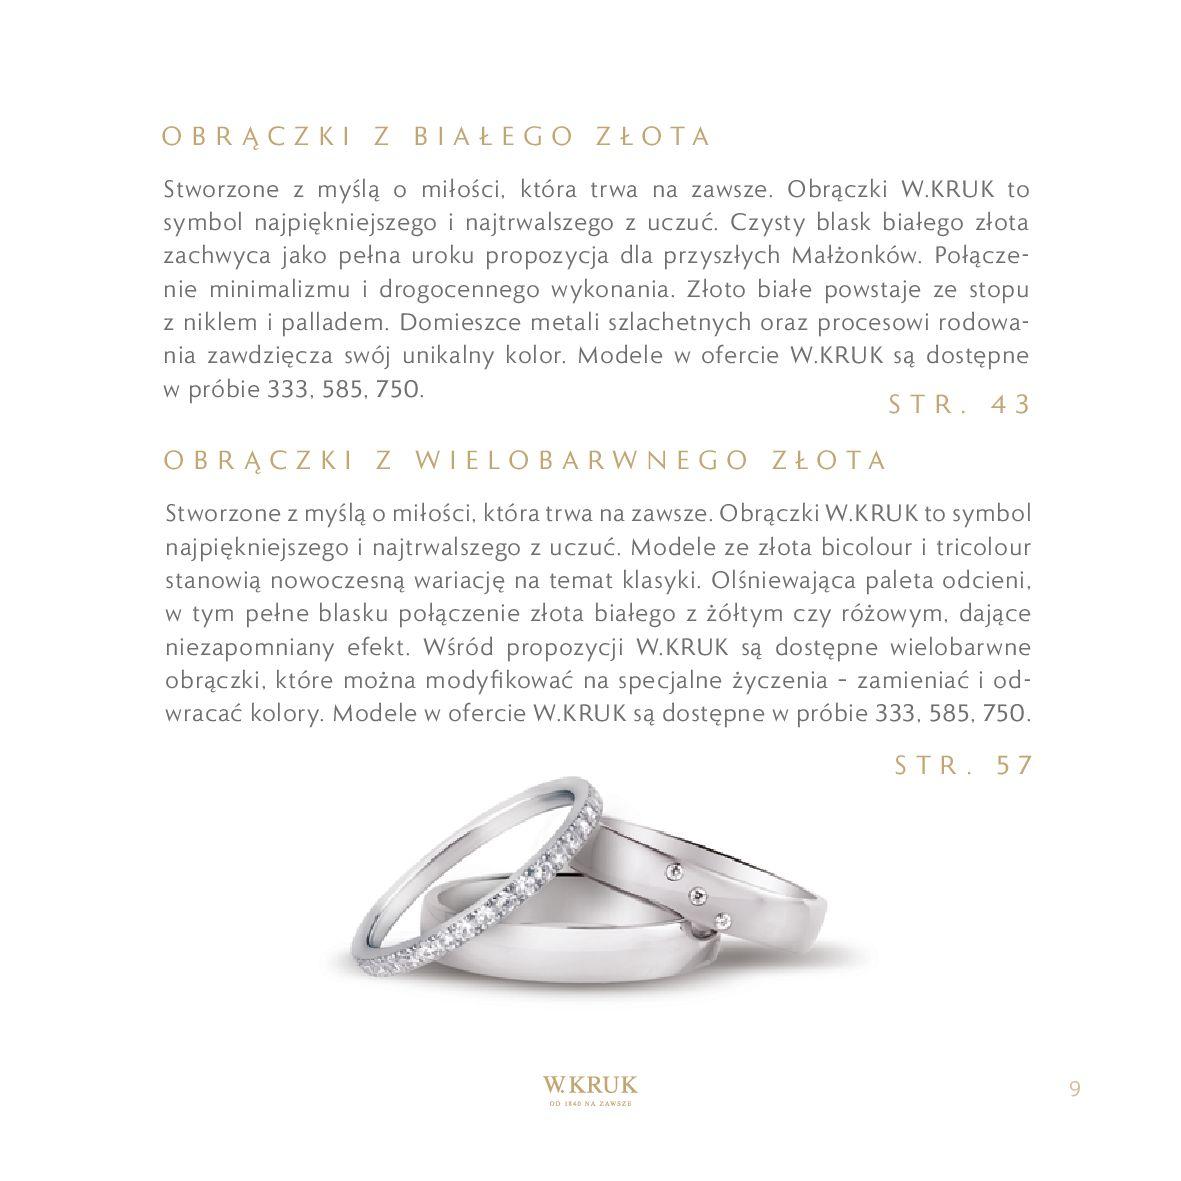 Gazetka W. KRUK: Katalog - Obrączki 2021-02-17 page-11